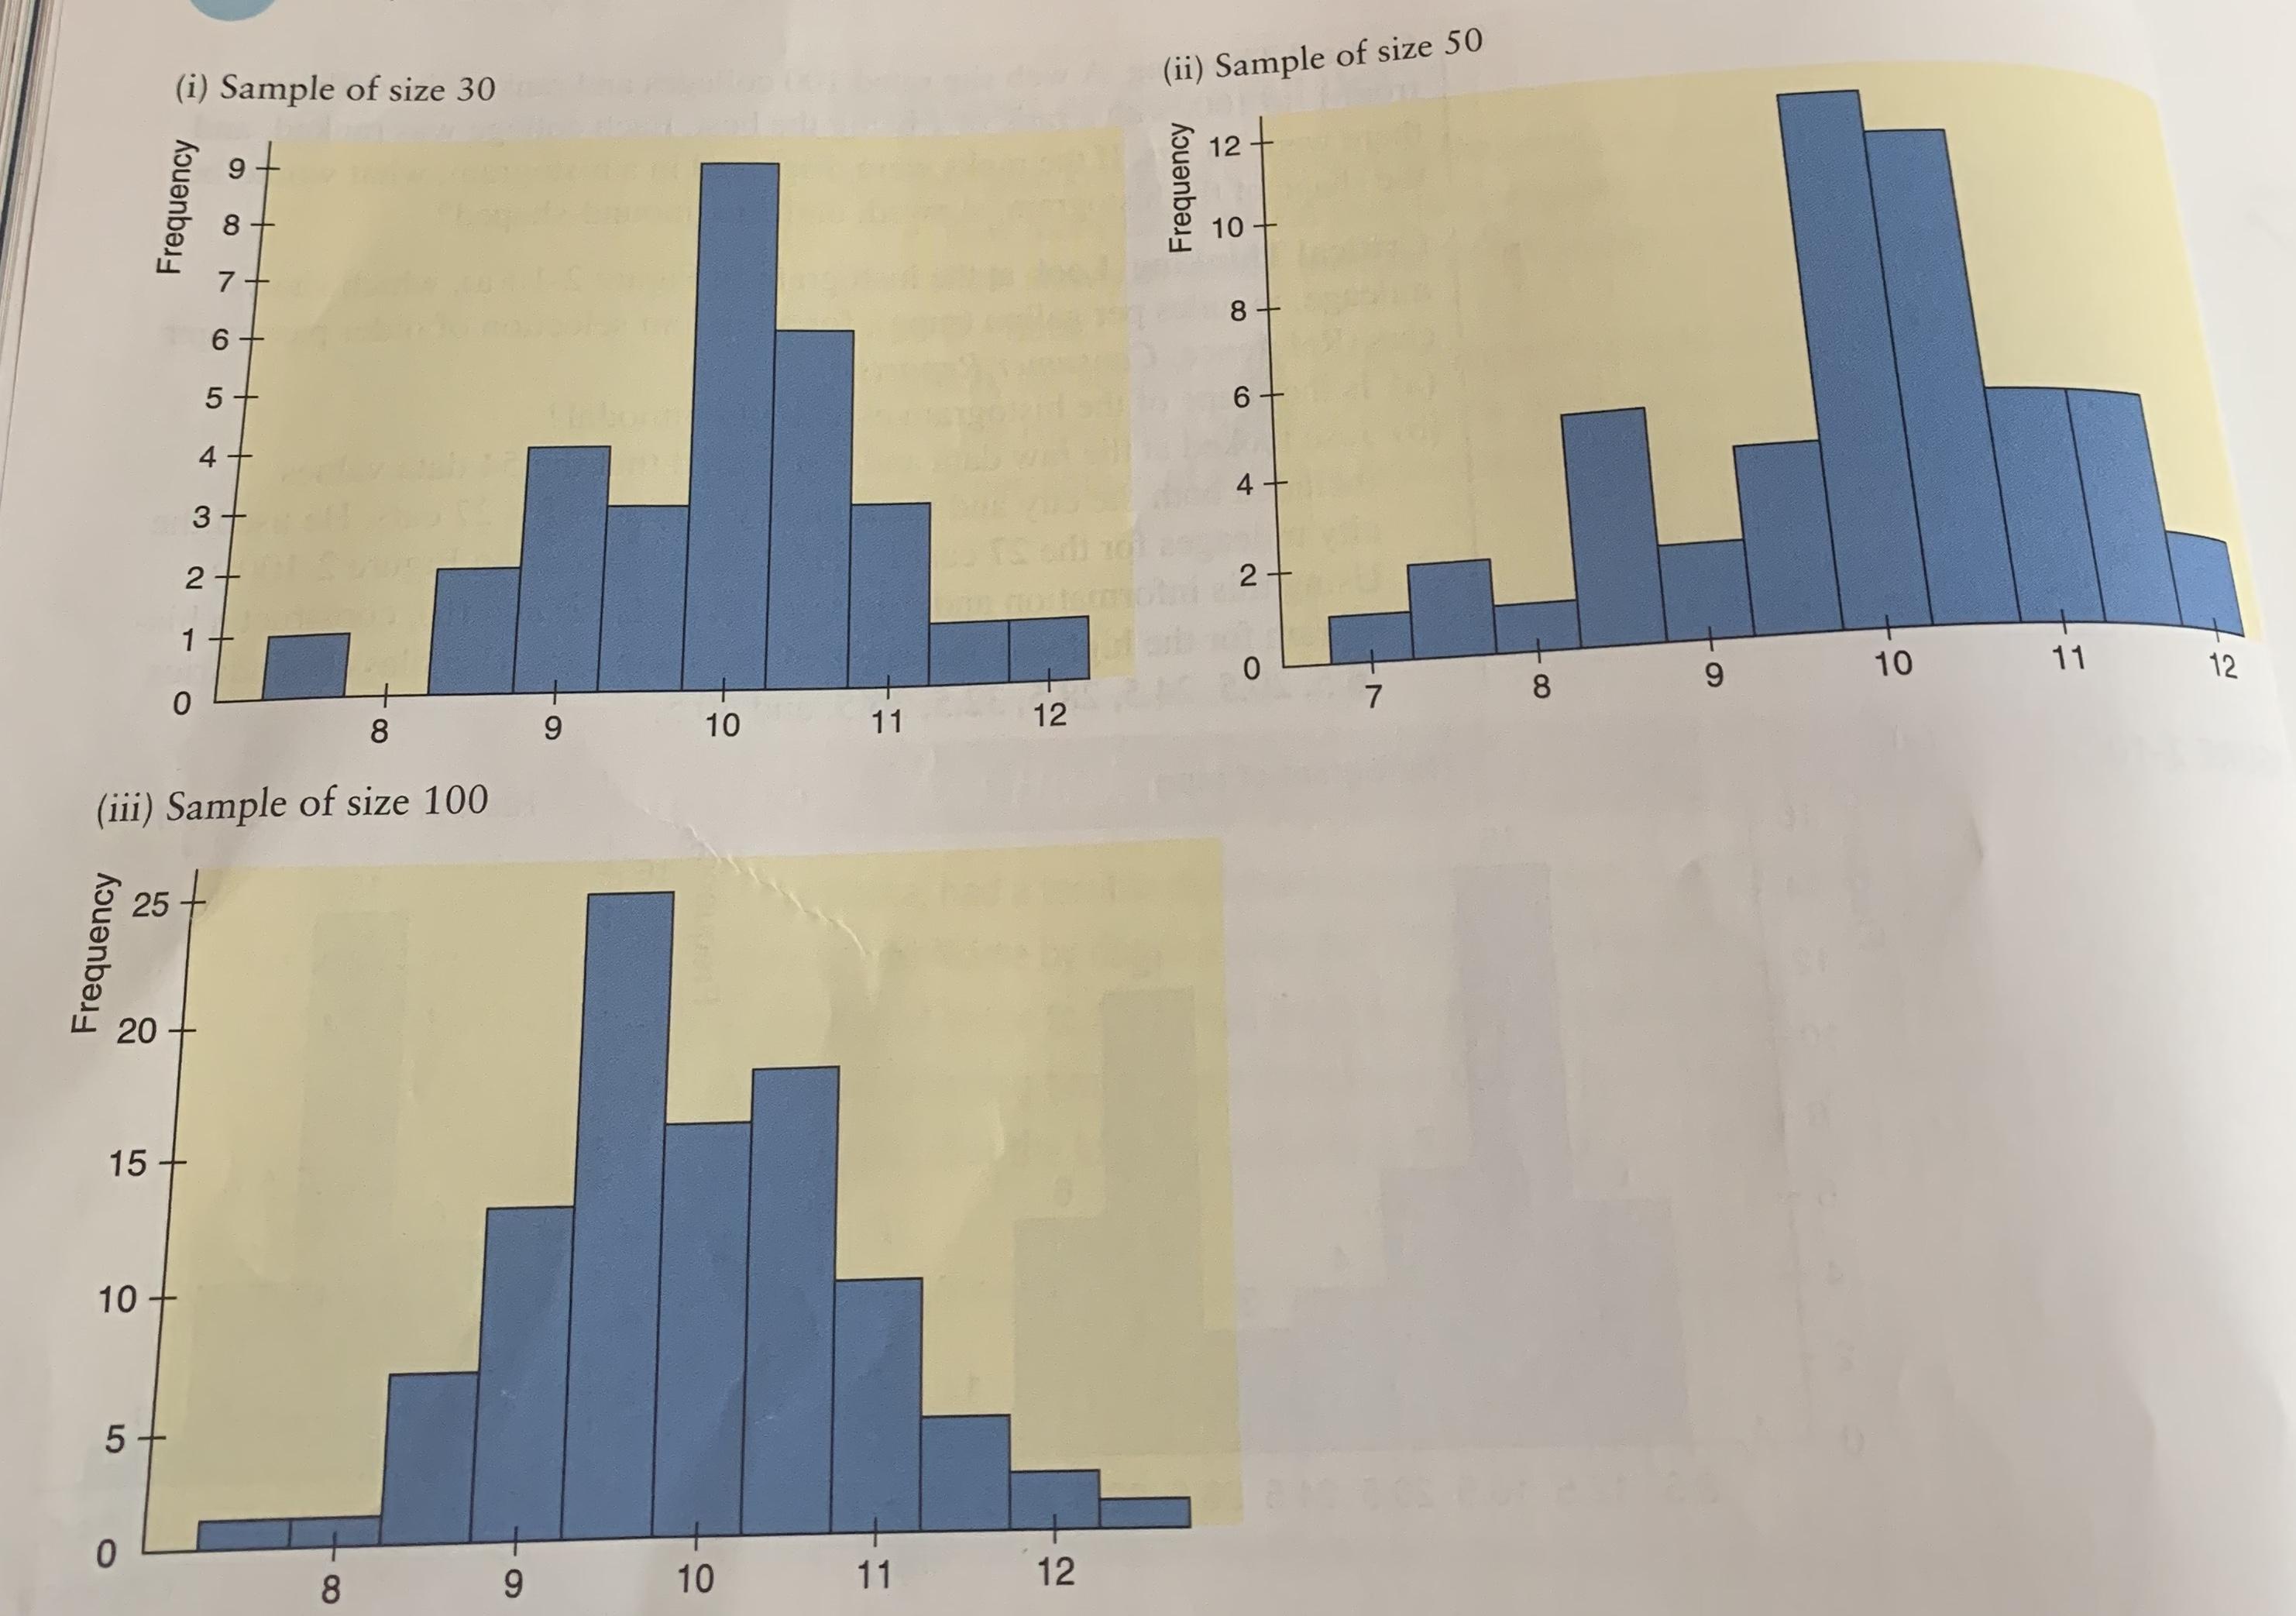 (ii) Sample of size 50 (i) Sample of size 30 12 7 8 - 6 6 4 T3 2 2 mott 1 11 10 12 0 9 7 0 12 11 10 9 (iii) Sample of size 100 20 15 10 5+ 12 11 10 9 8O 10 Frequency LO Frequency 4 25 Frequency